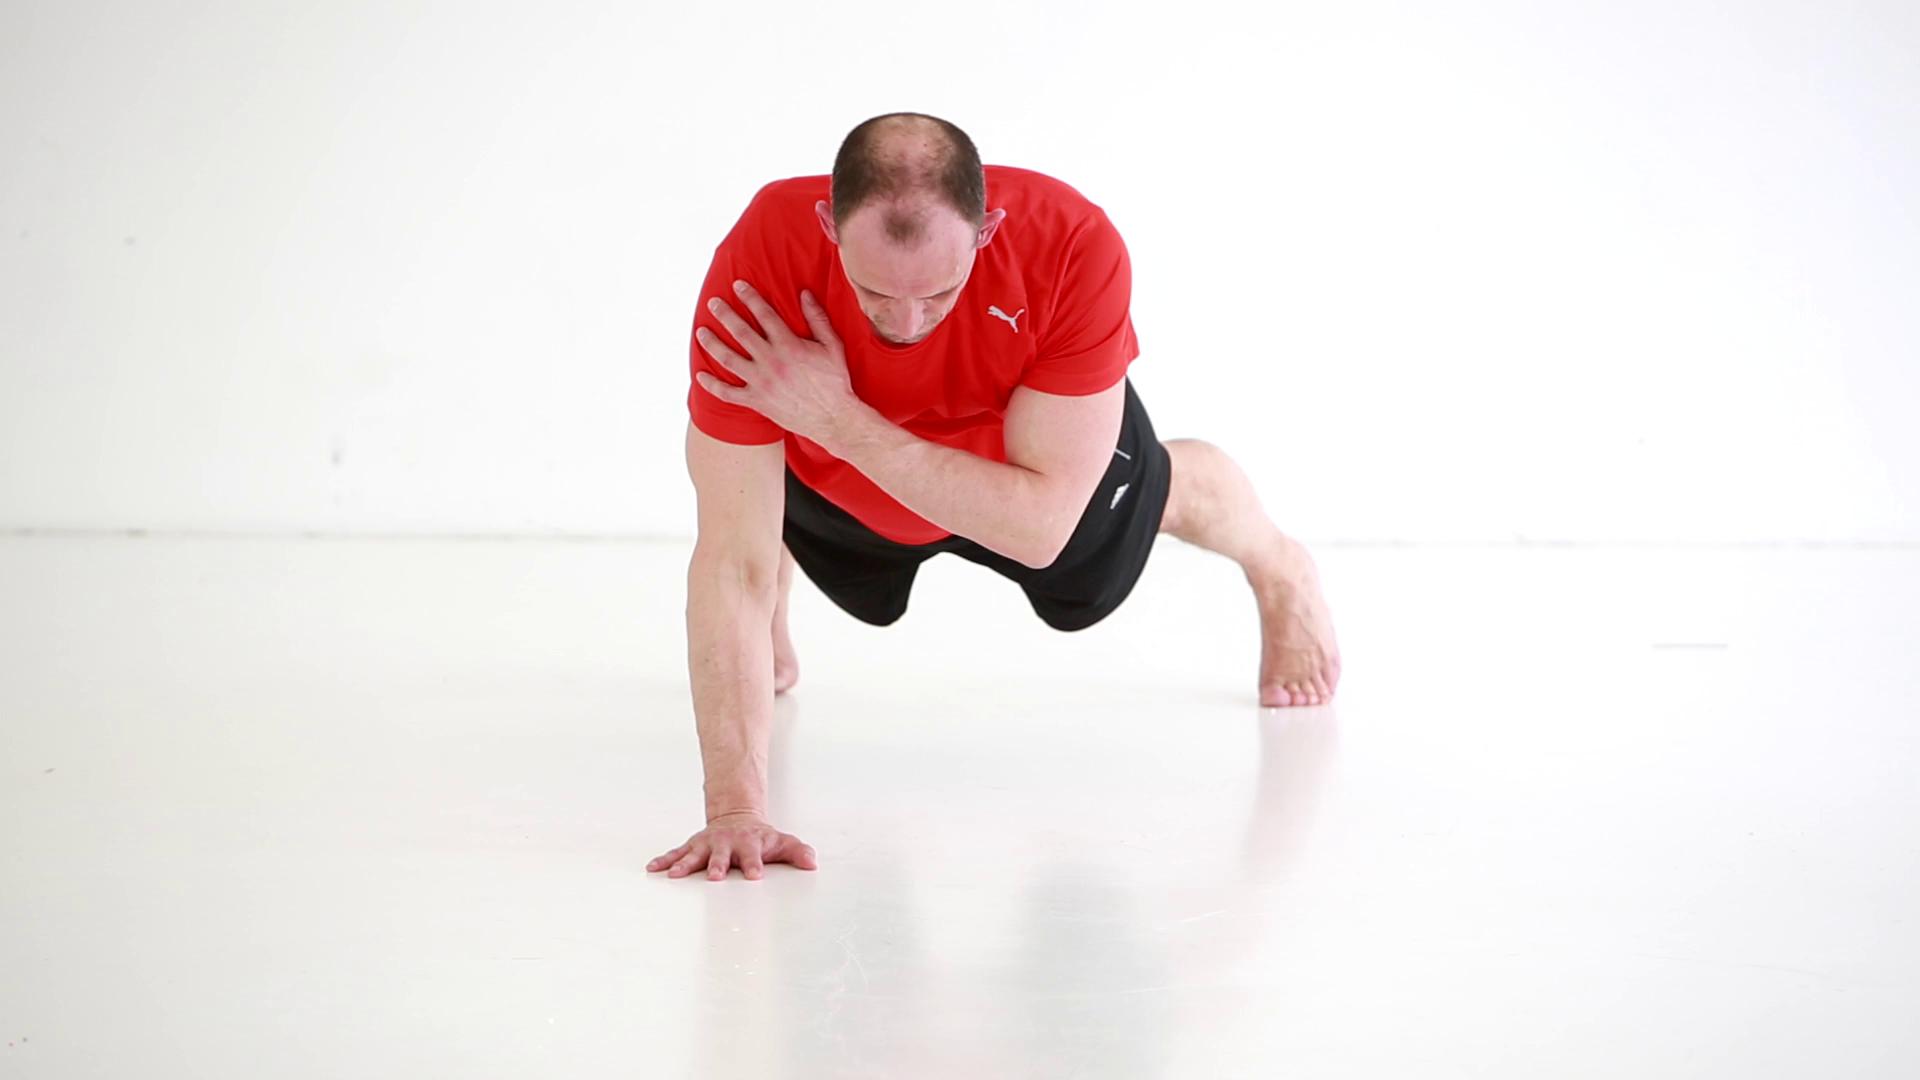 Video øvelse: Shoulder tap - styrketræning af skulder og brystmuskler | Aktiv Træning